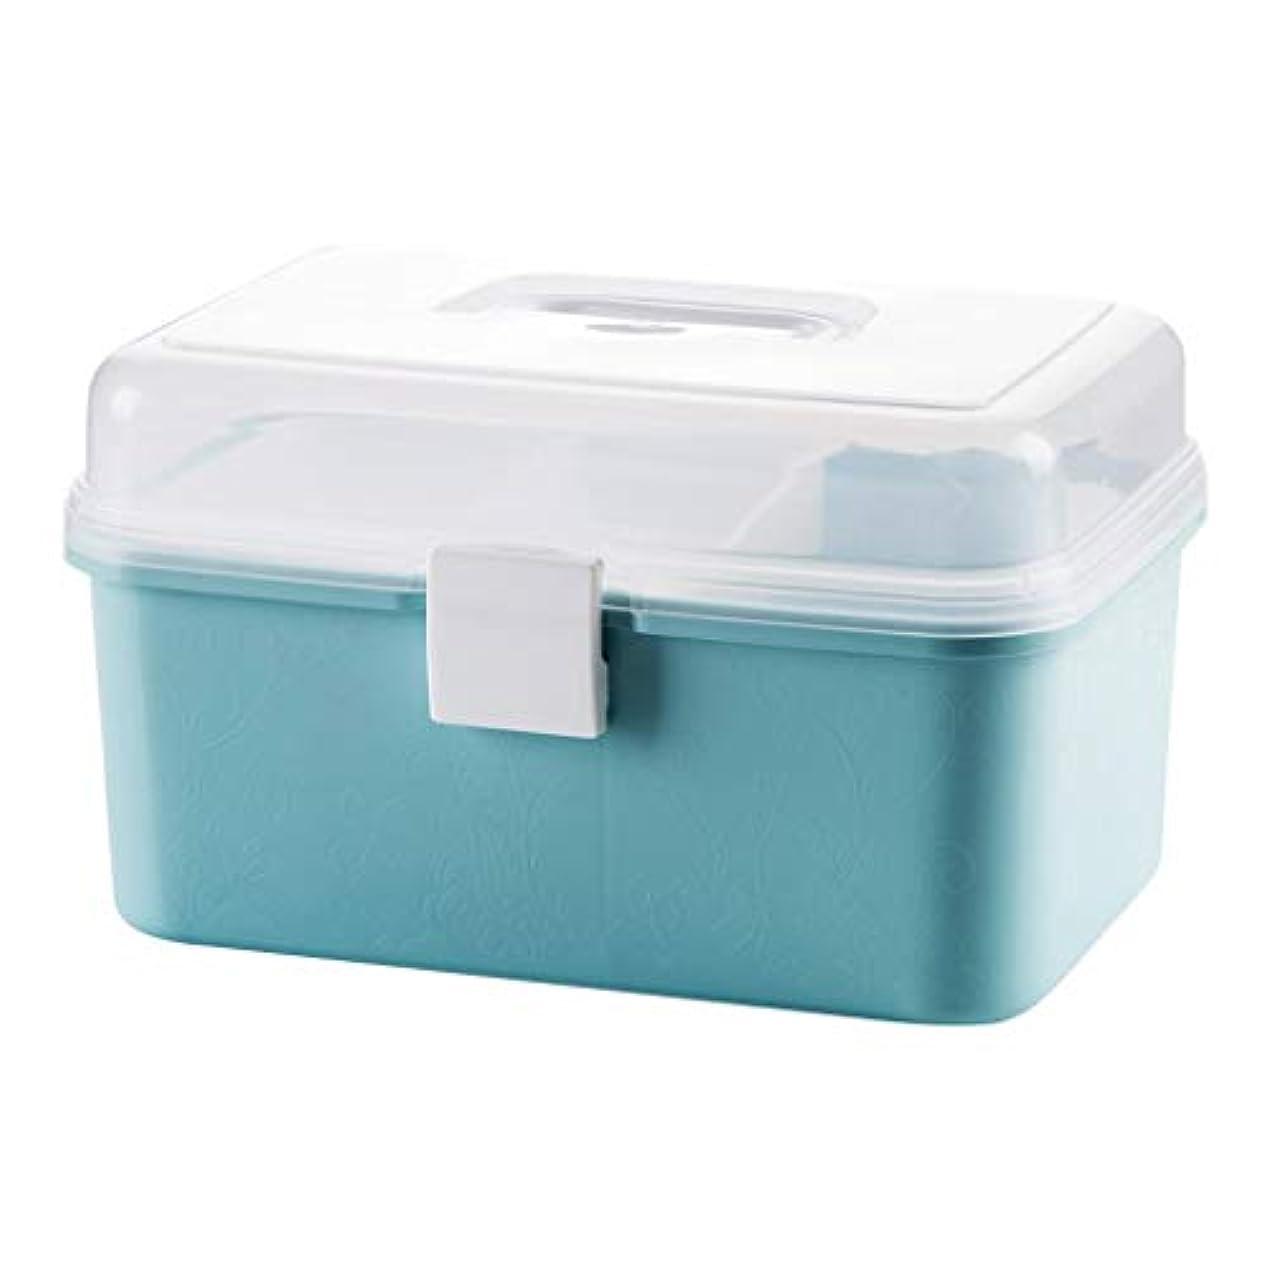 コンバーチブルスプリット不道徳Yxsd 応急処置キット 応急処置キット医療ボックスドラッグ収納オーガナイザーボックス - 16x16x25cm、ブルー